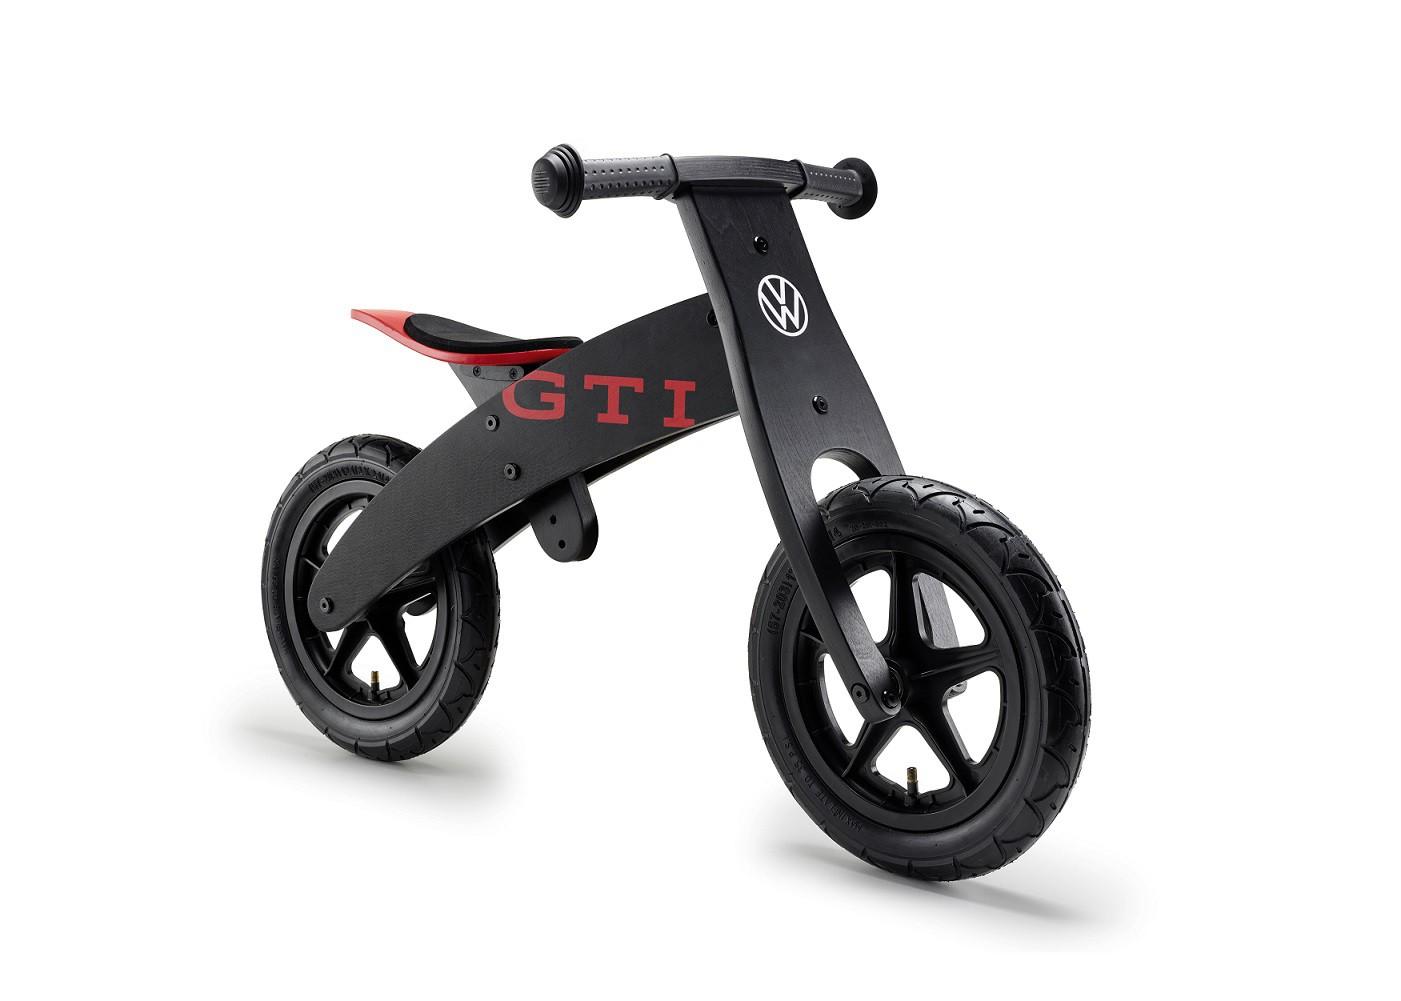 Rowerek dziecięcy biegowy GTI